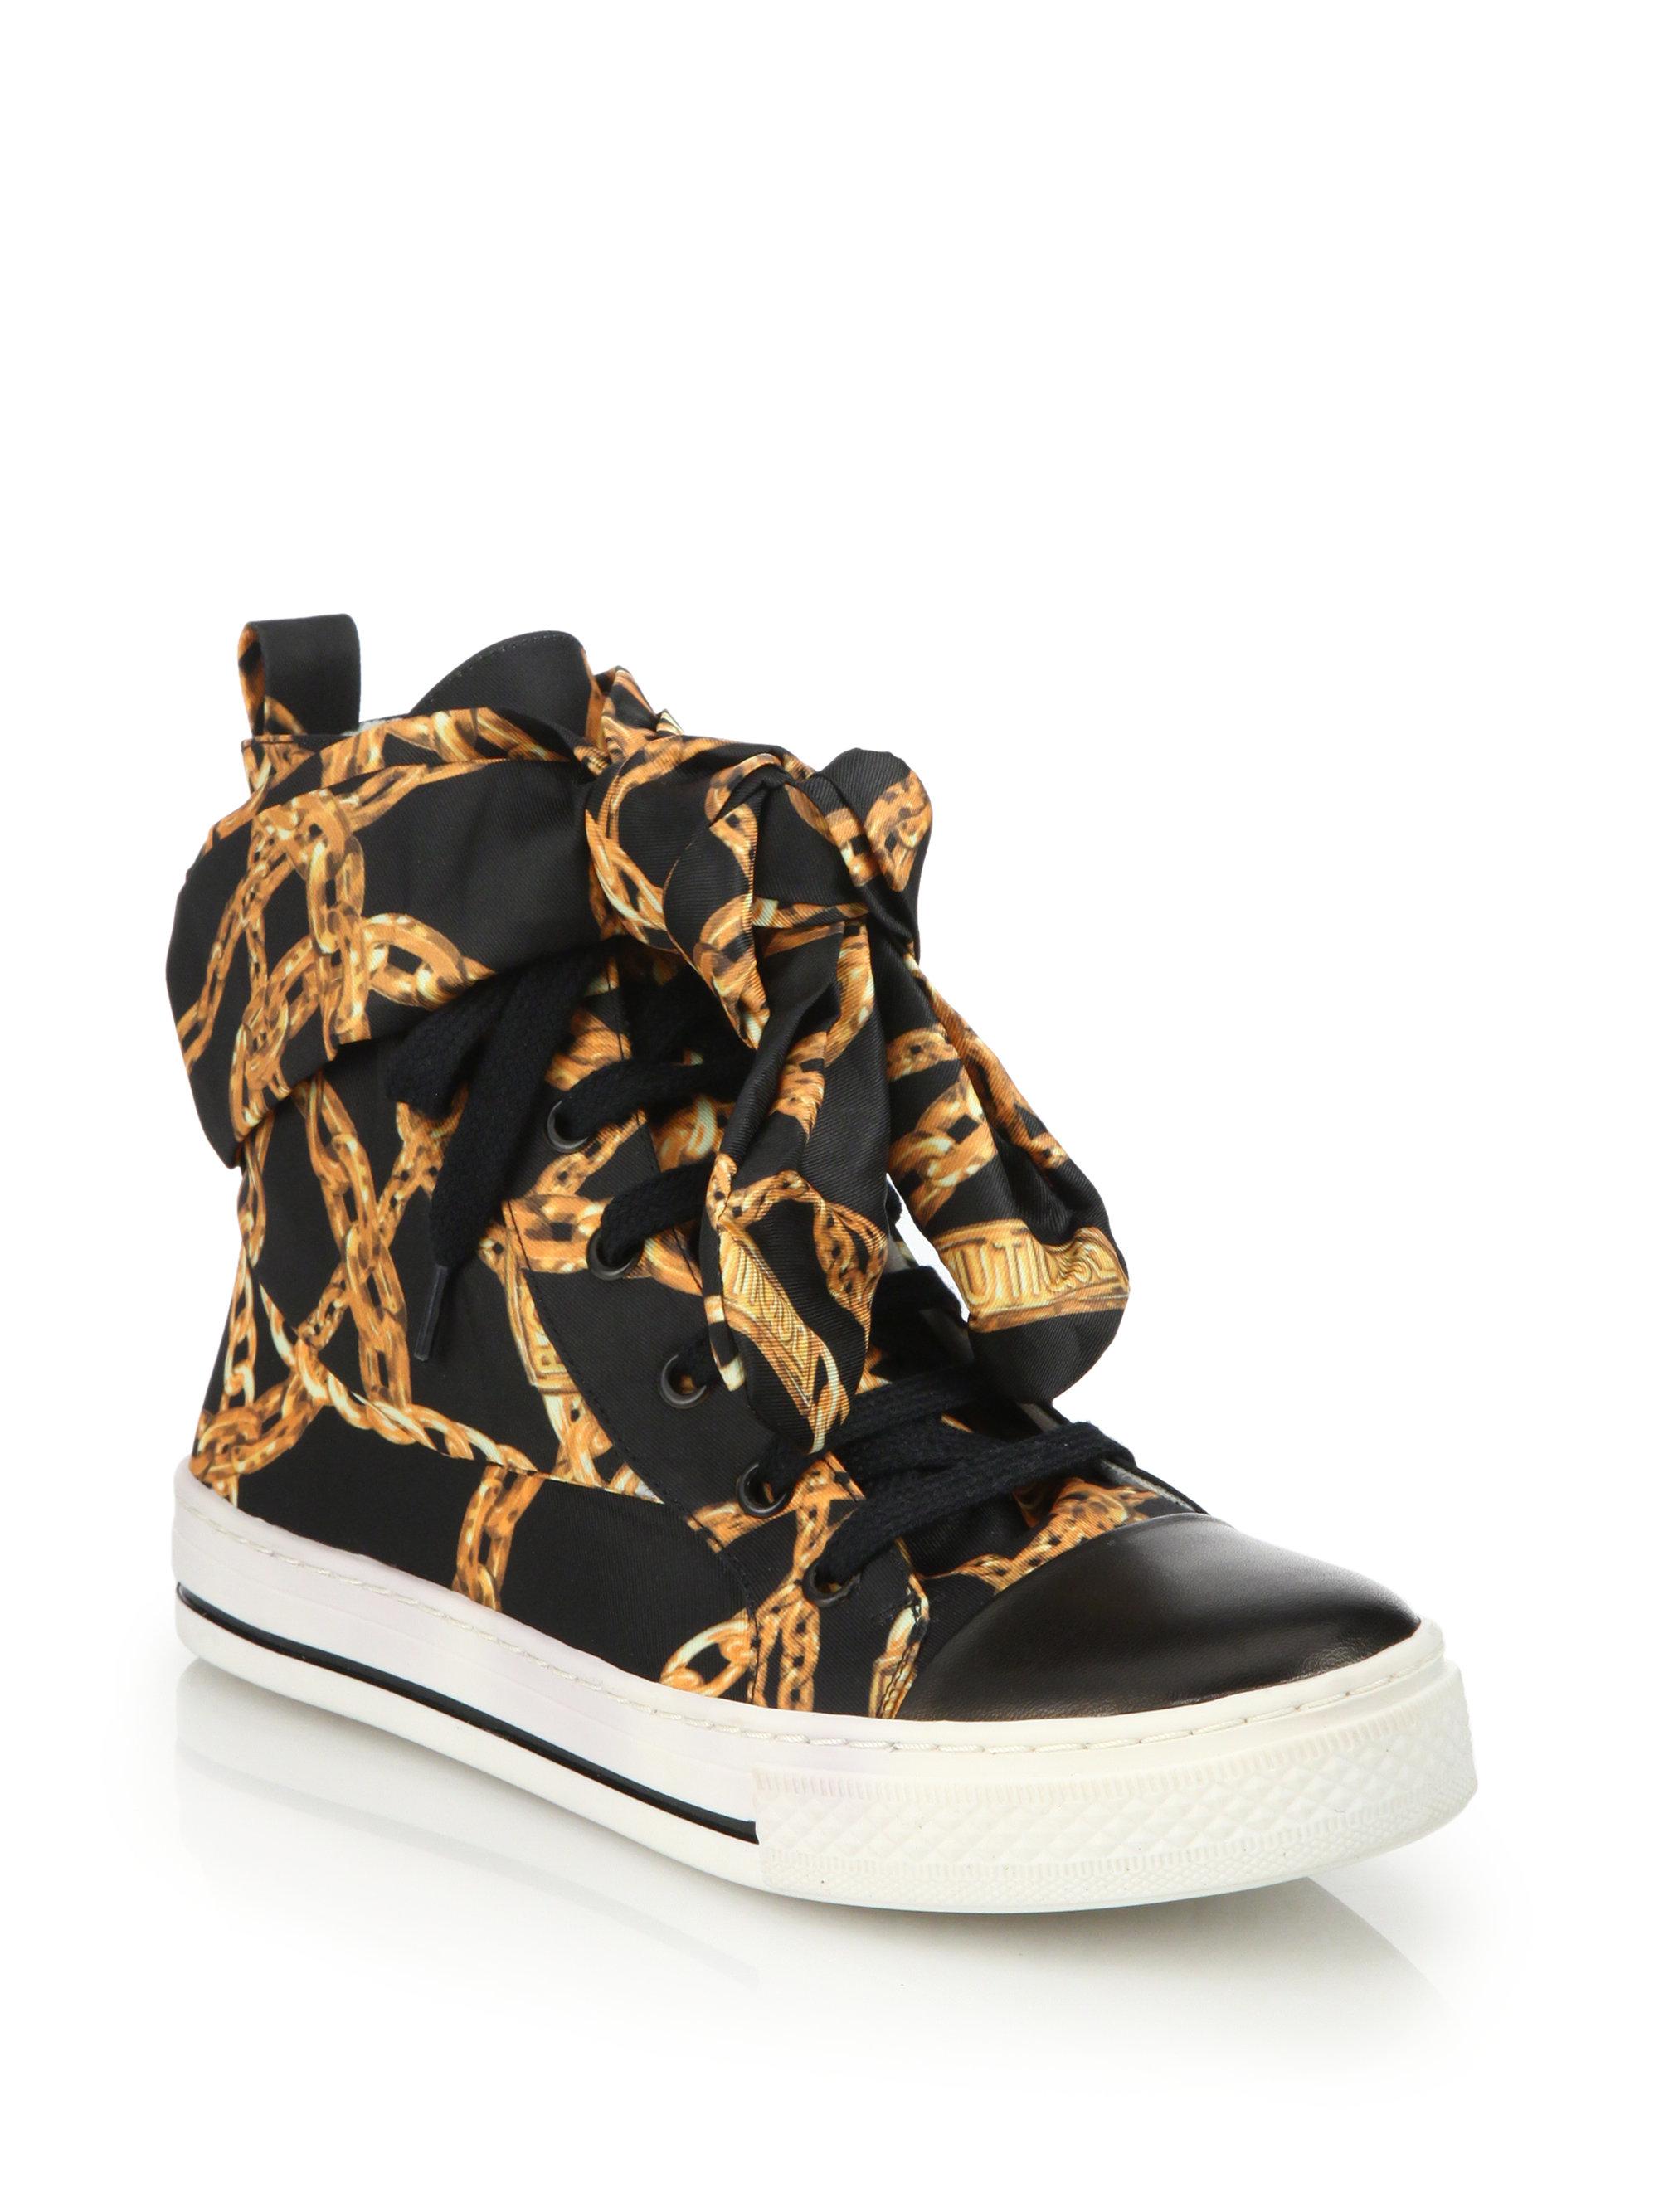 moschino boutique chain sneakers chain - Serafini Pizzeria